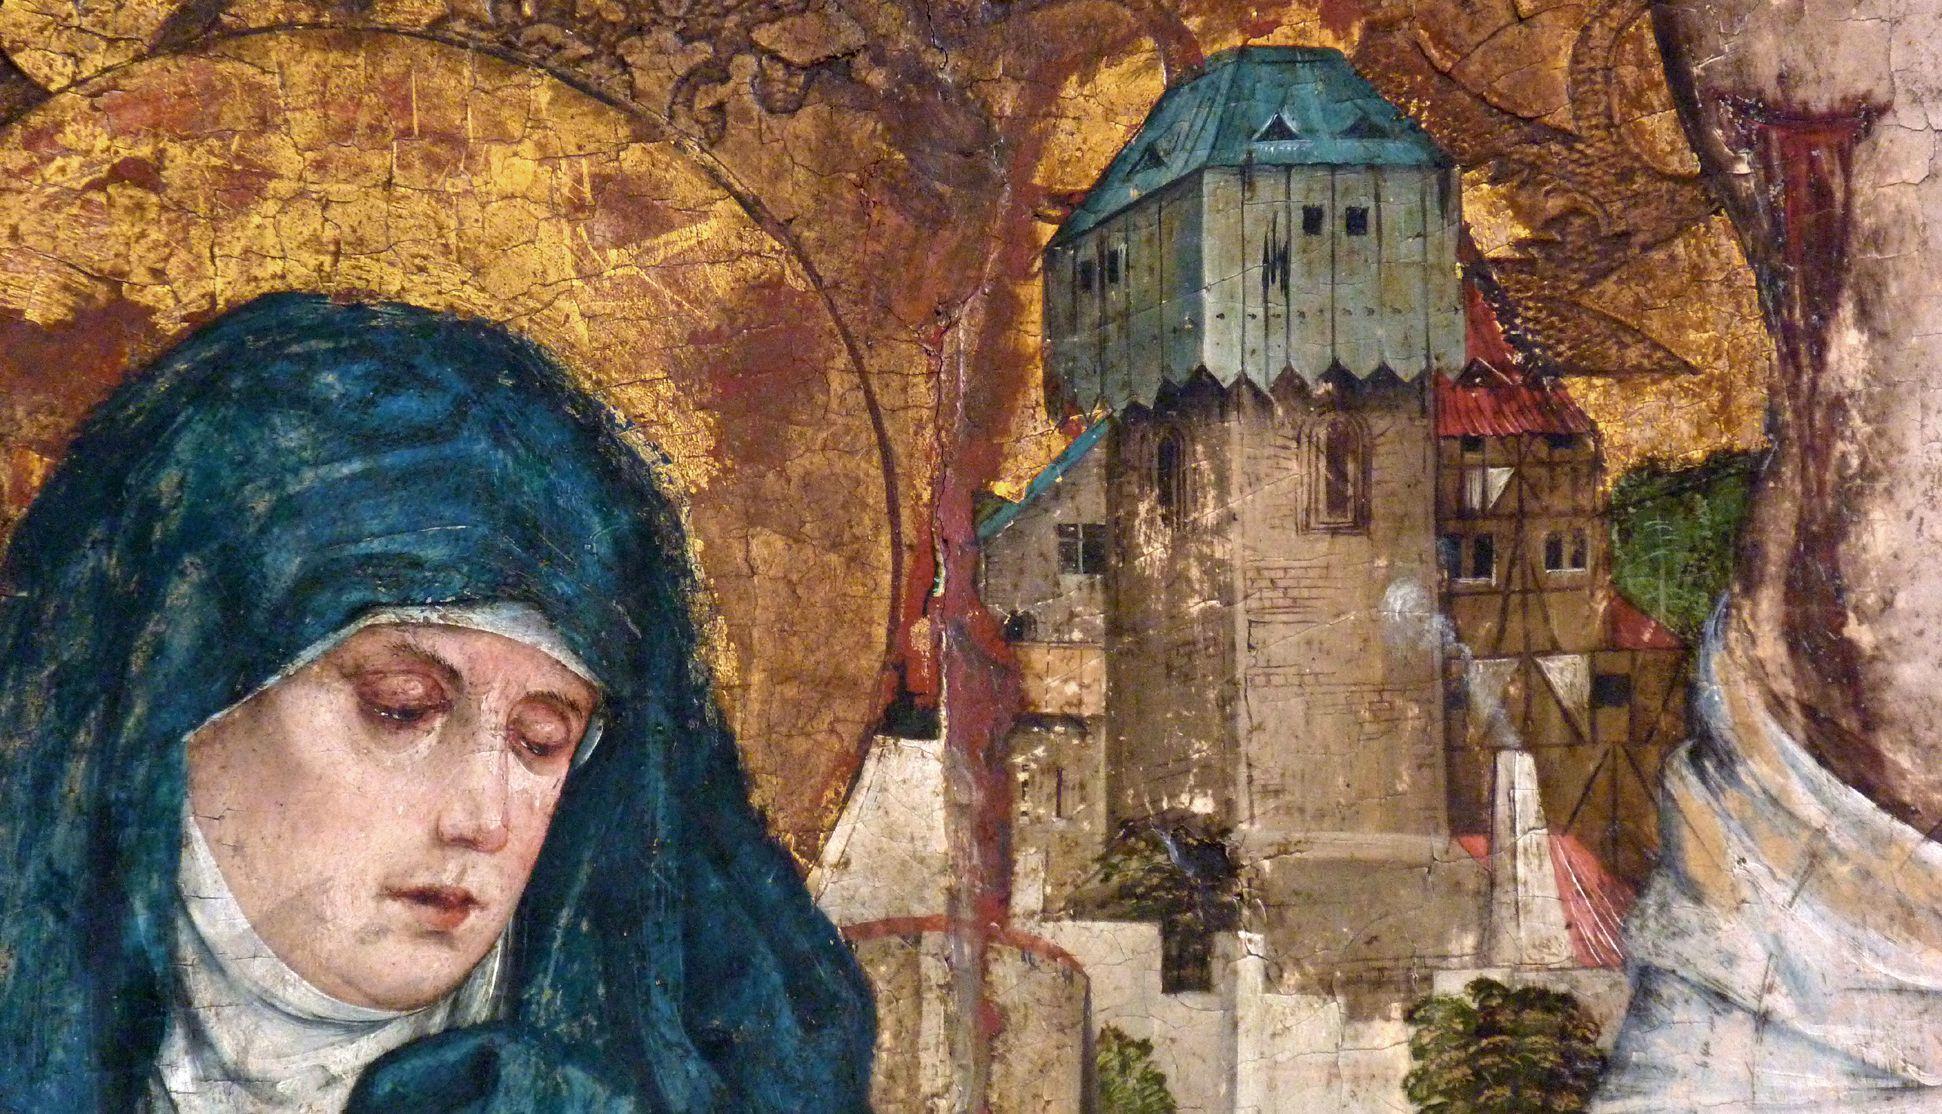 Epitaph der Obernitz Haupt Marias mit Details einer Stadansicht, offene Seite Jesu